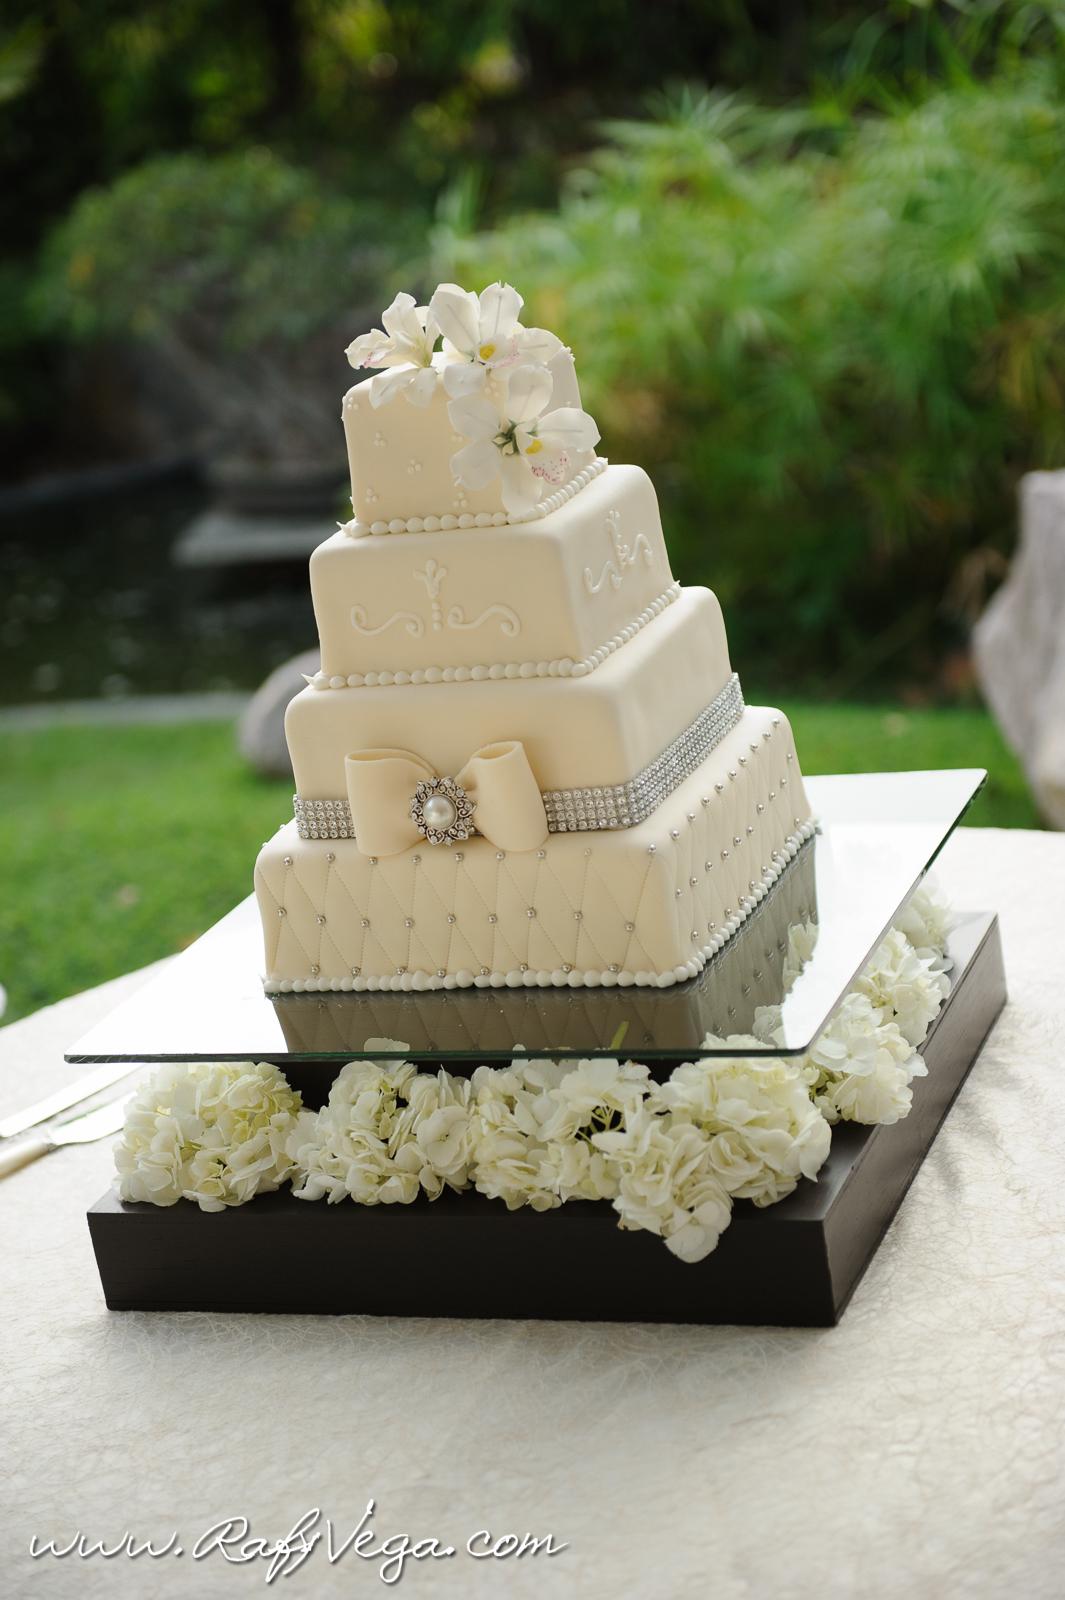 Rafy vega photography fotografo de bodas wedding for Boda en jardin